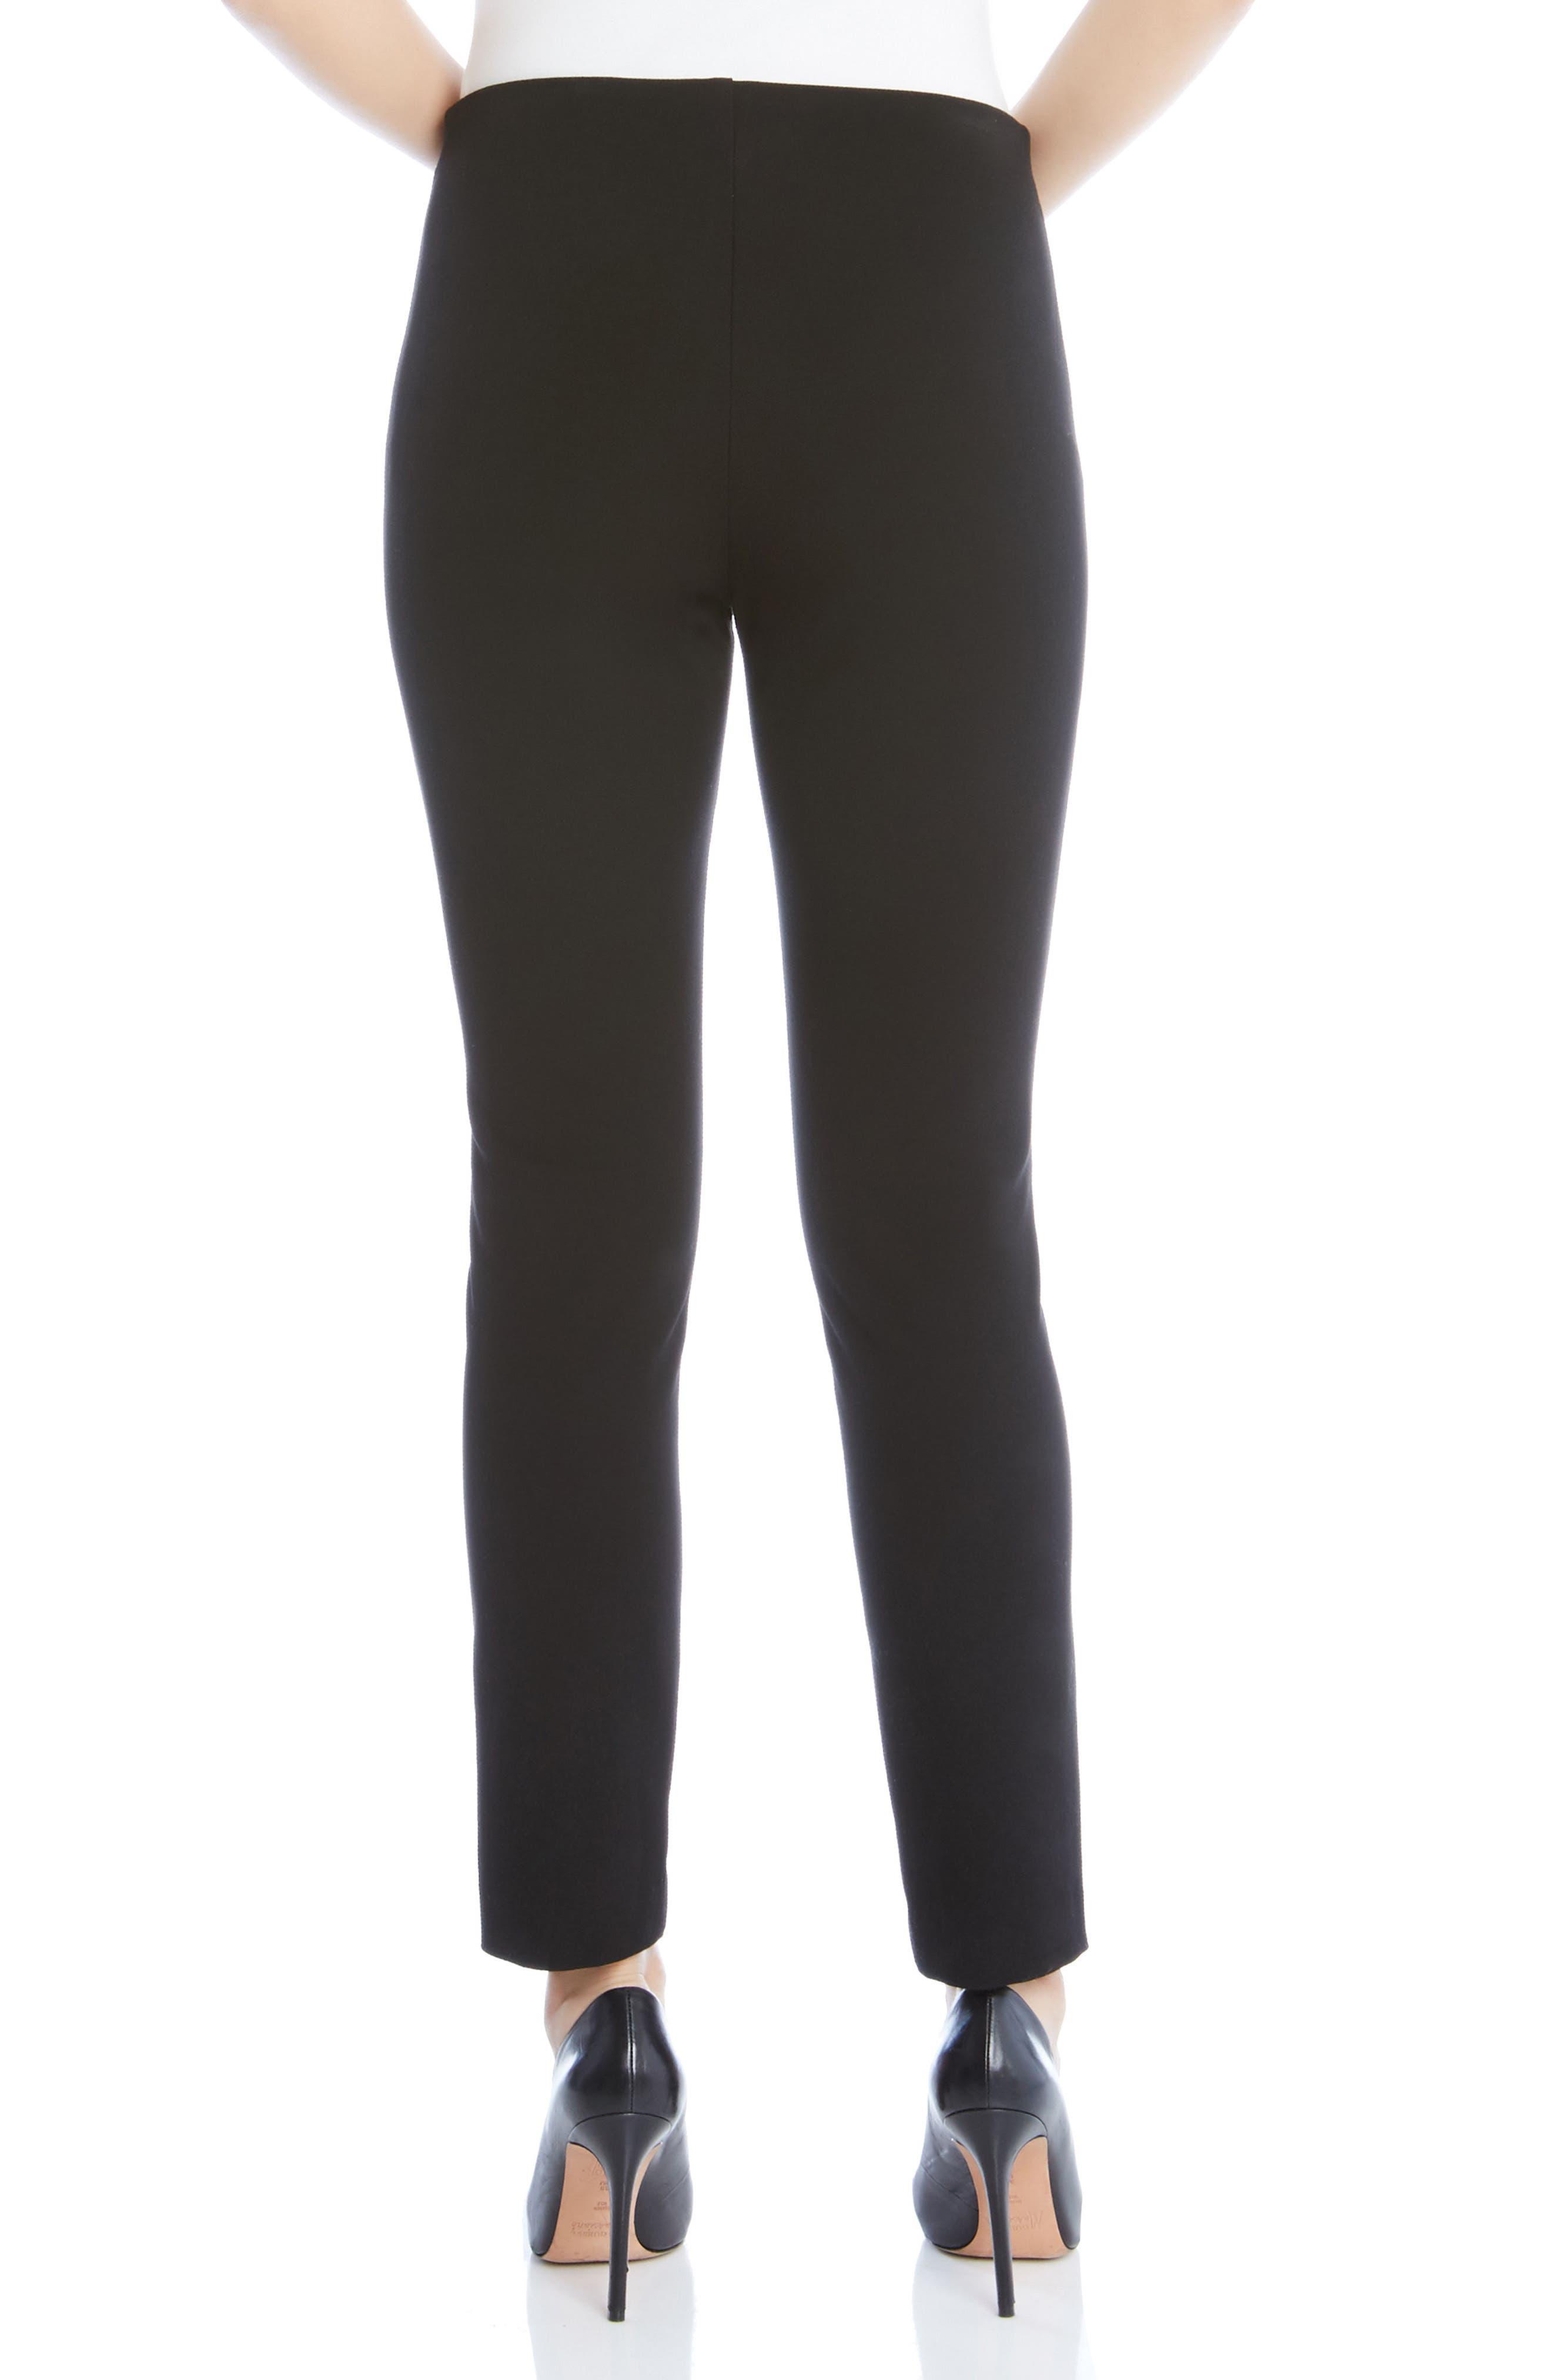 KAREN KANE, Piper Skinny Ankle Pants, Alternate thumbnail 2, color, BLACK